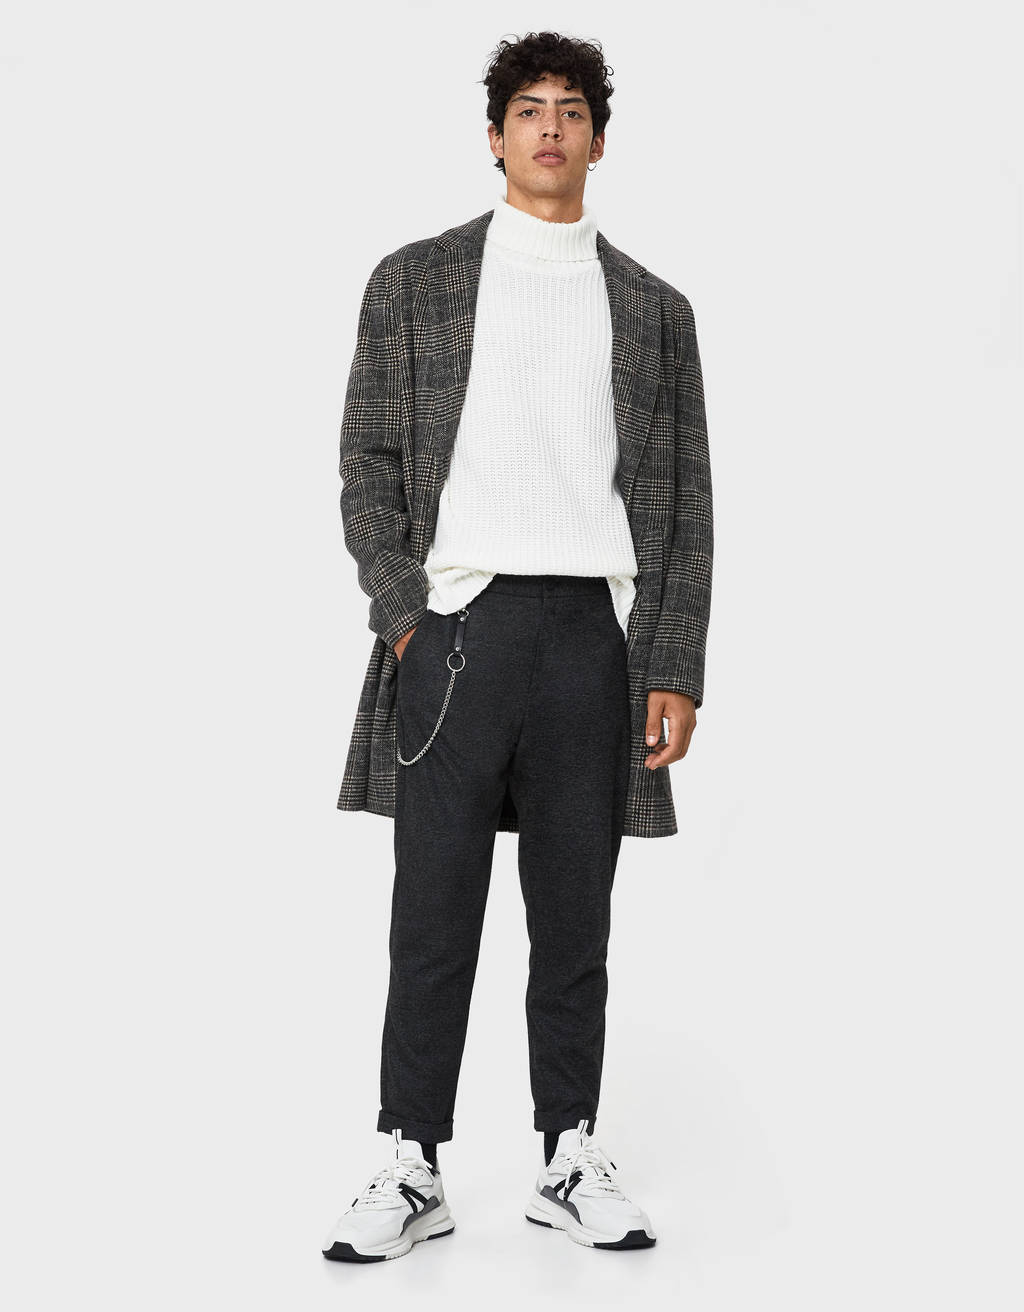 Calças tailored fit com corrente